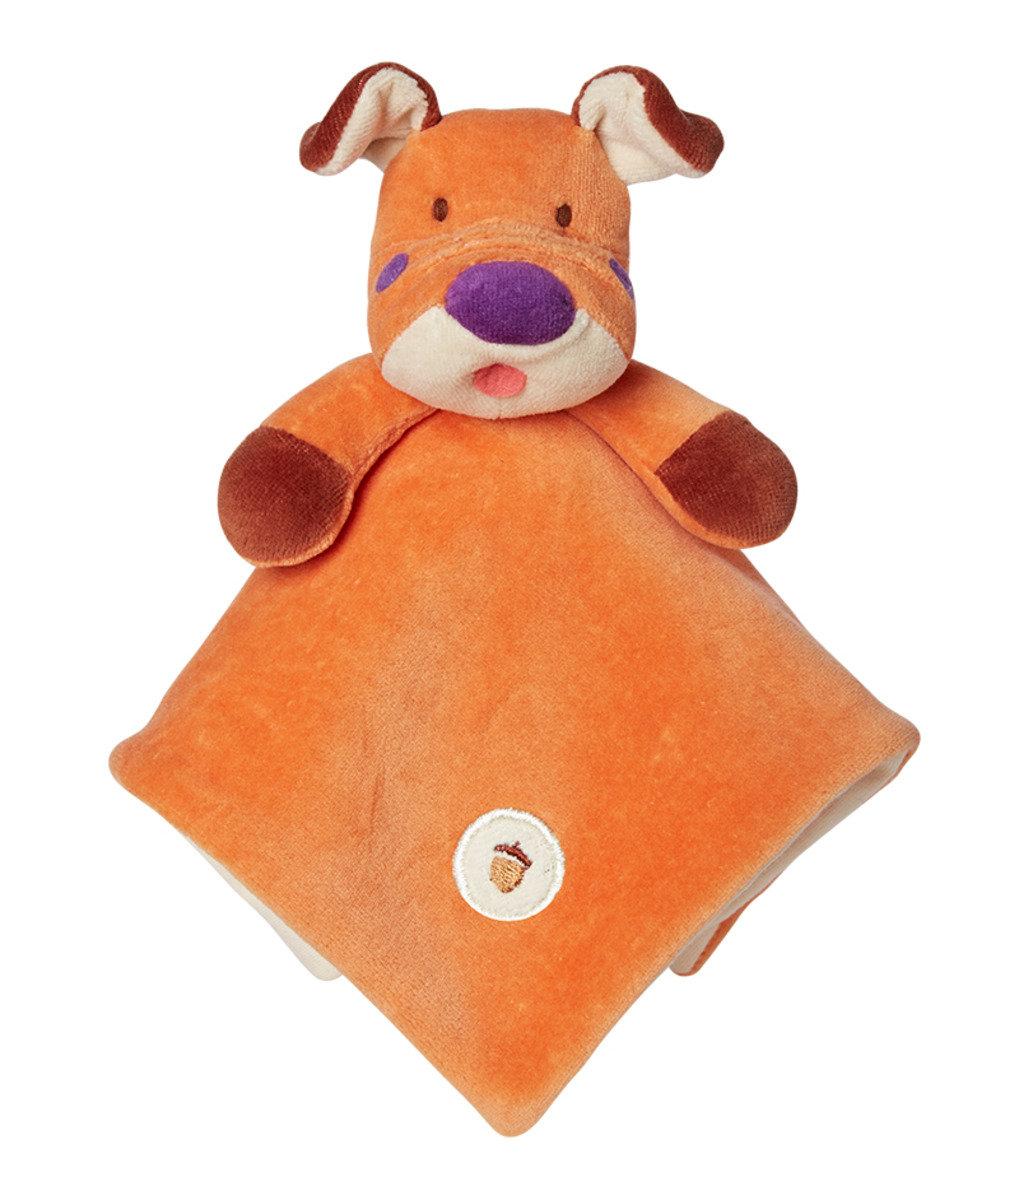 美國紐約My Natural™ Lovie Blankie天然有機棉安撫巾 - 橘色小狗